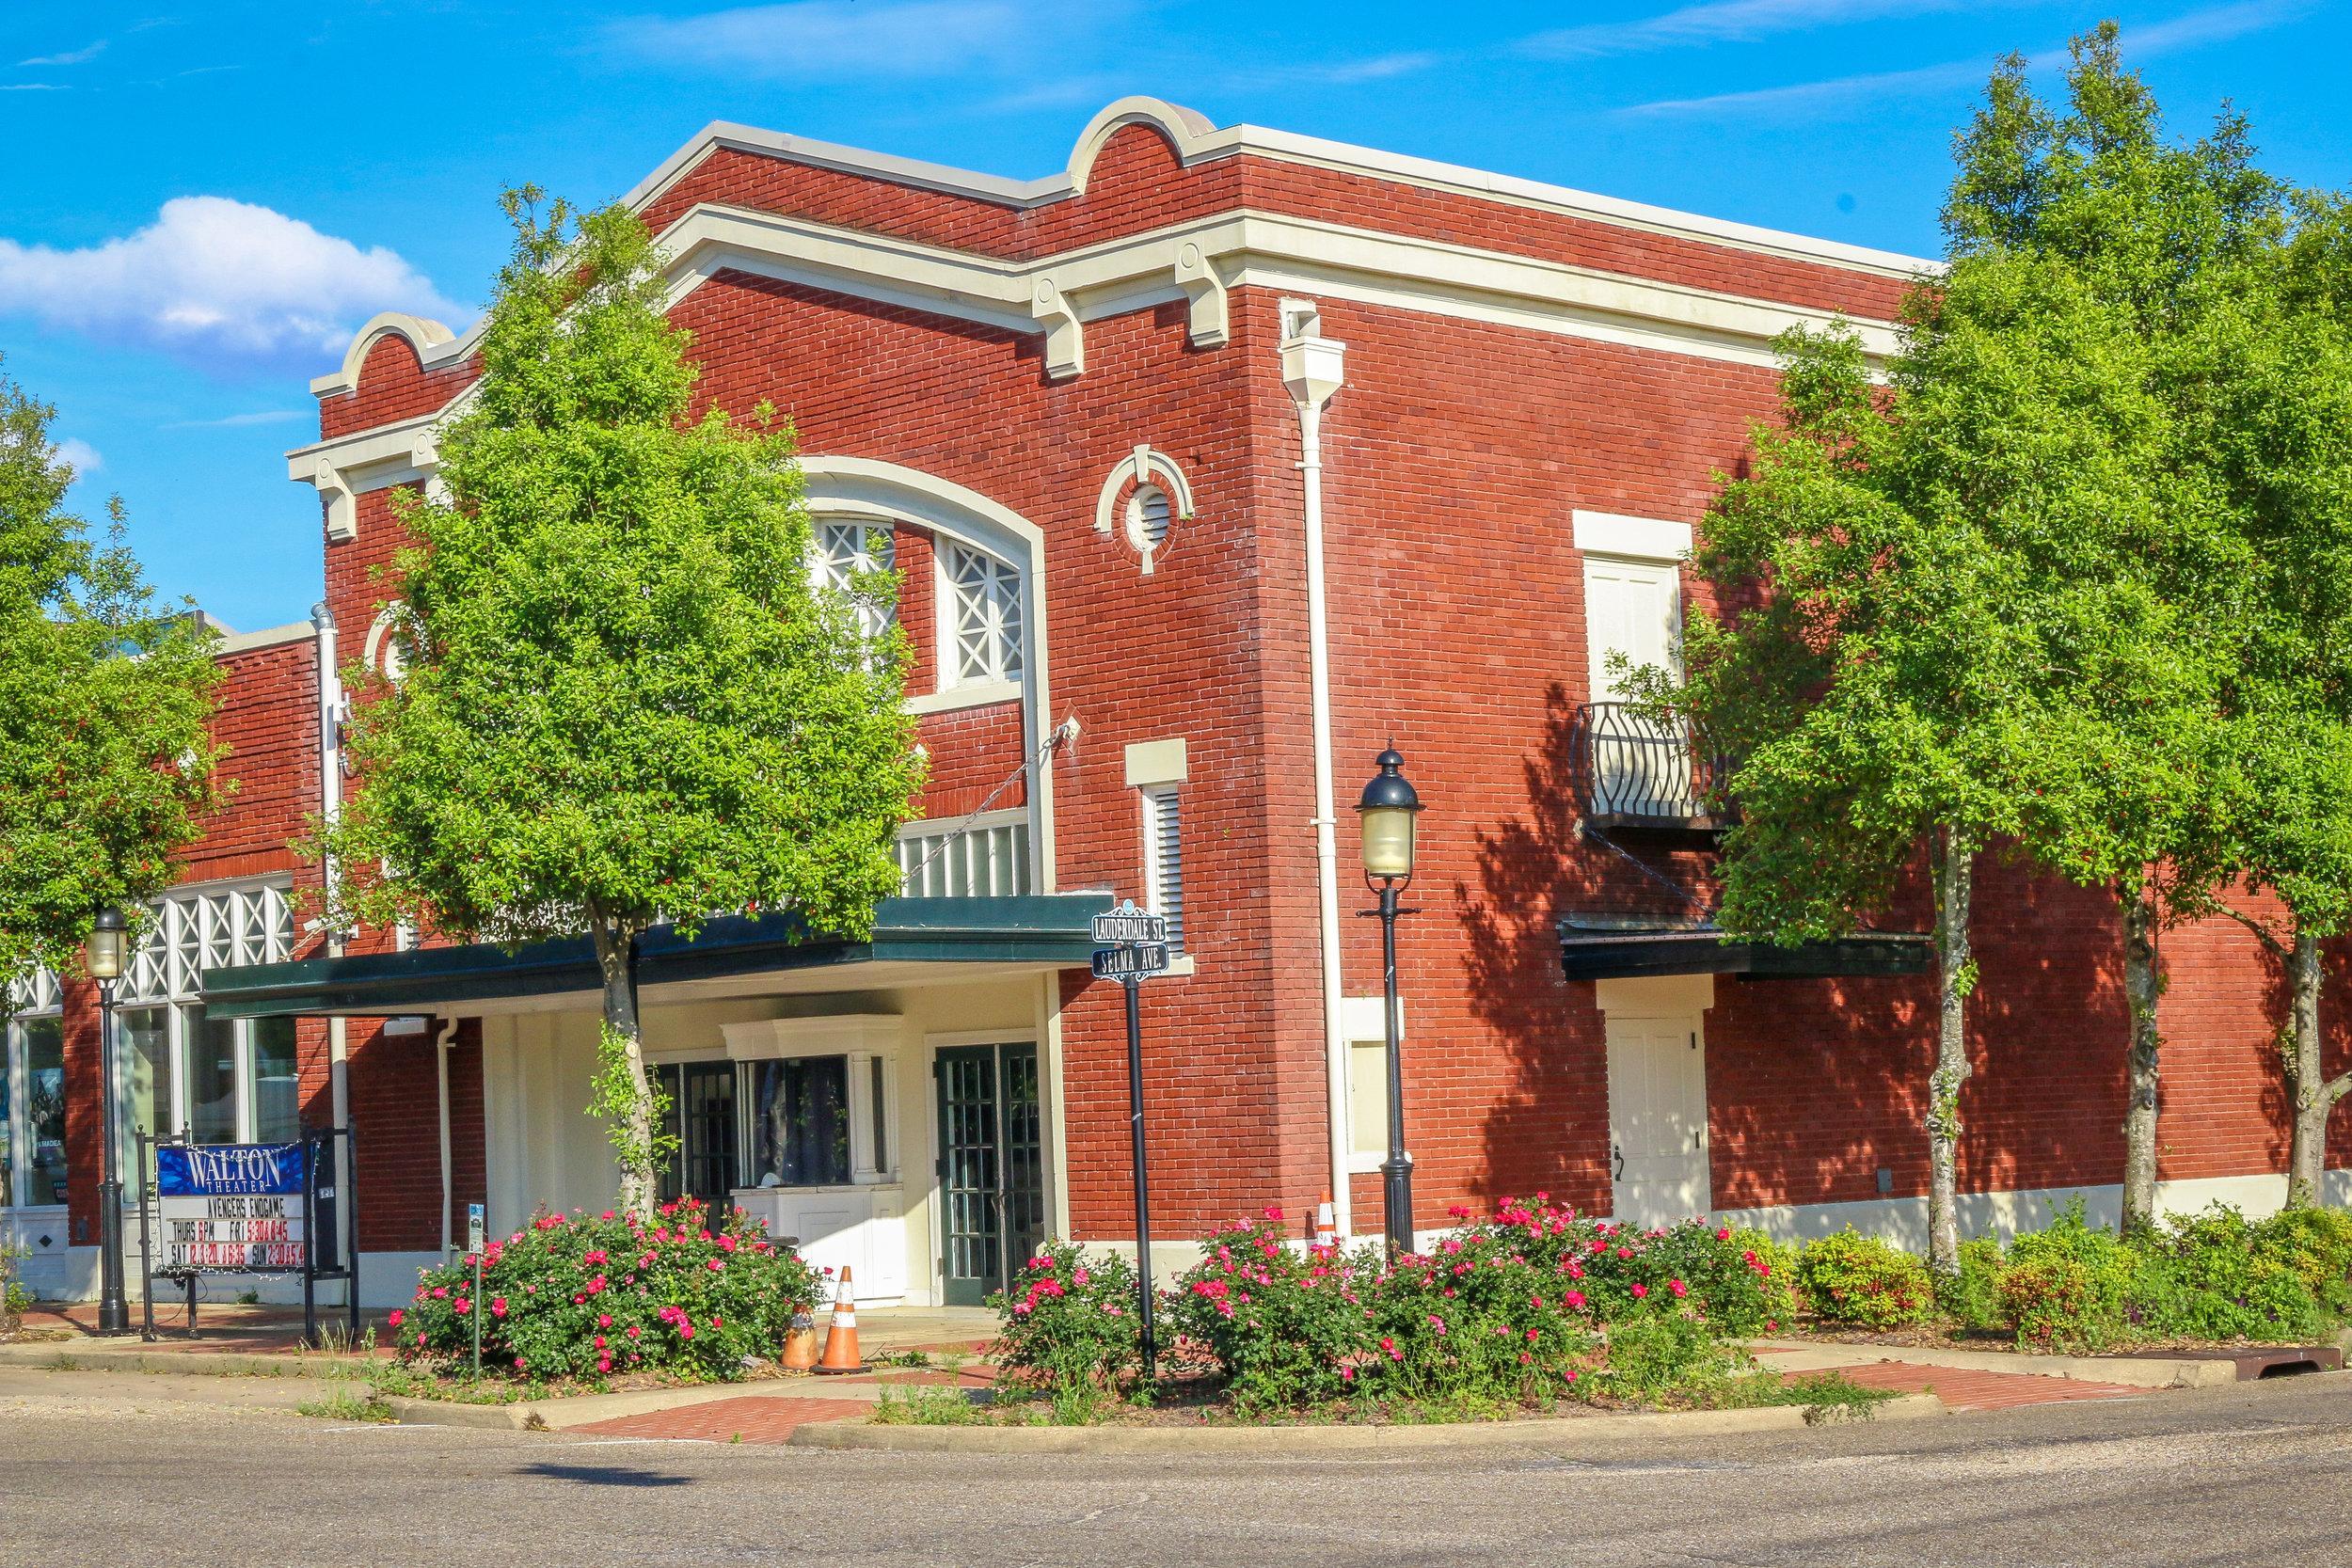 Walton Theater in Selma